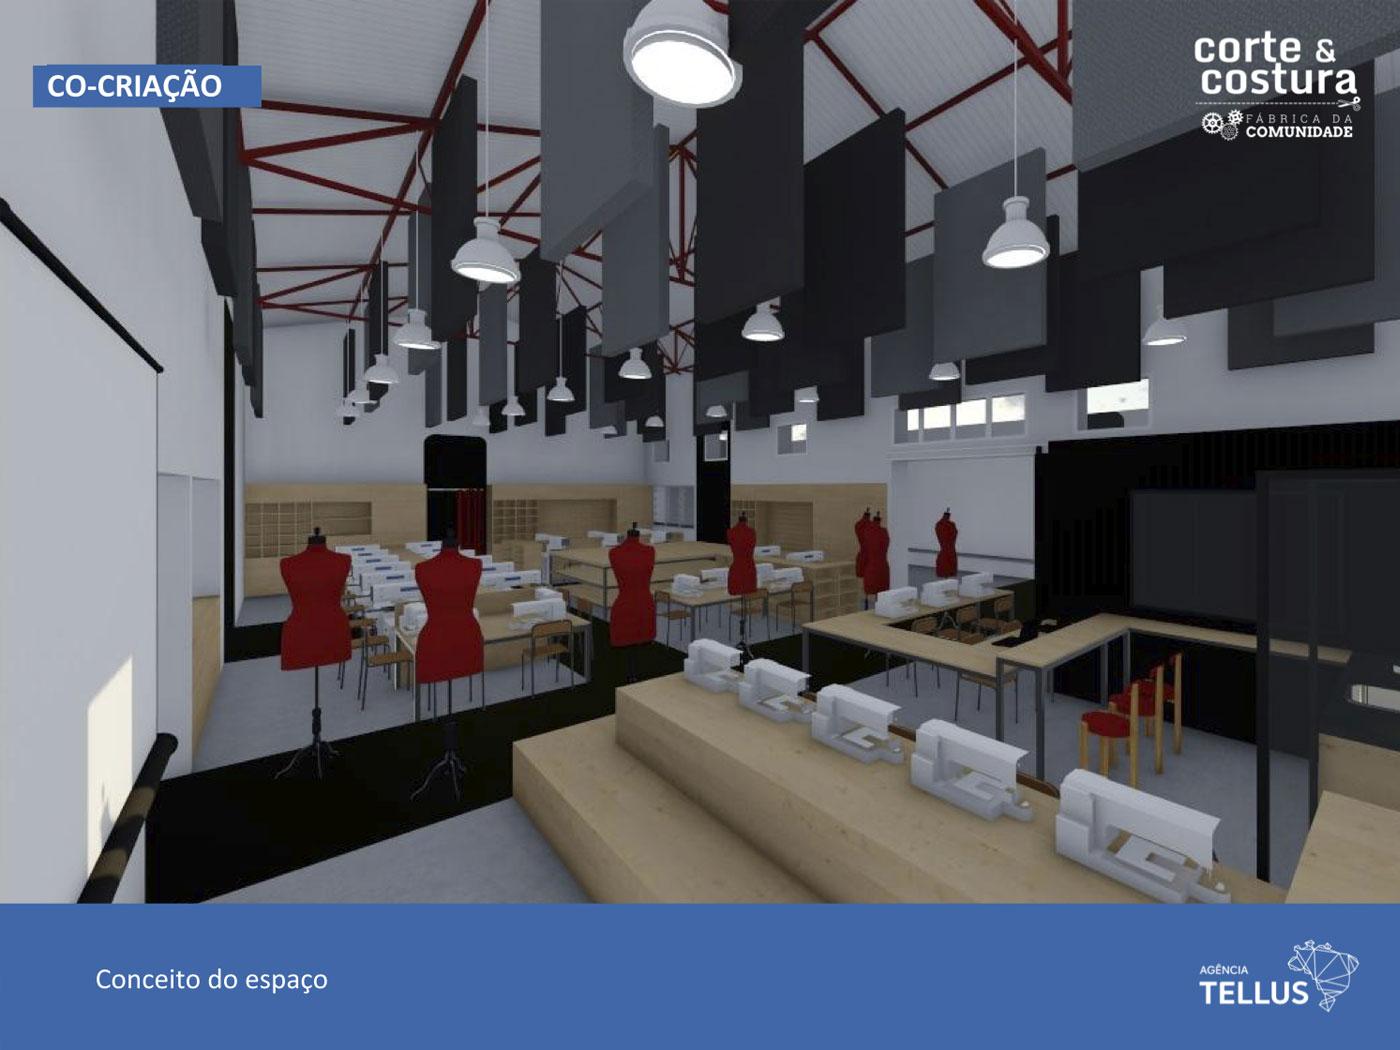 Corte & Costura - Fábrica da Comunidade: Capacitação profissional em Cubatão